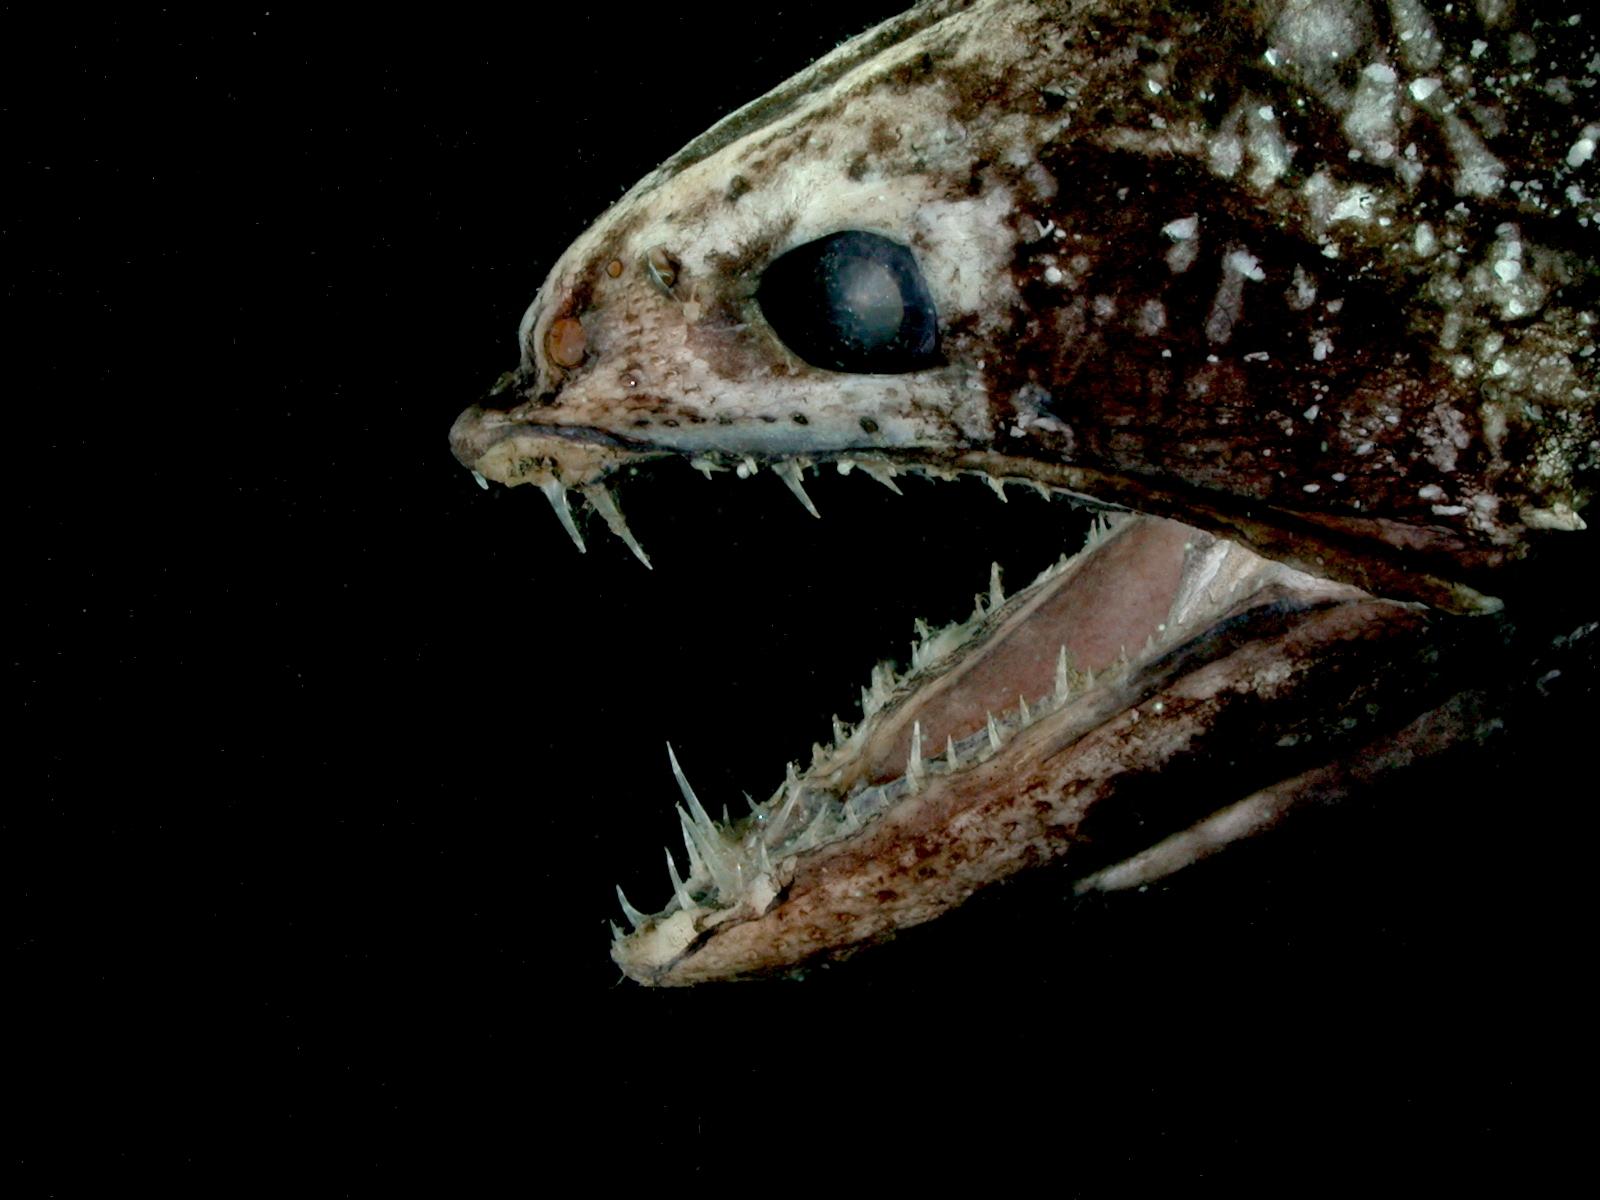 深、深、深!談深海生物PDF檔